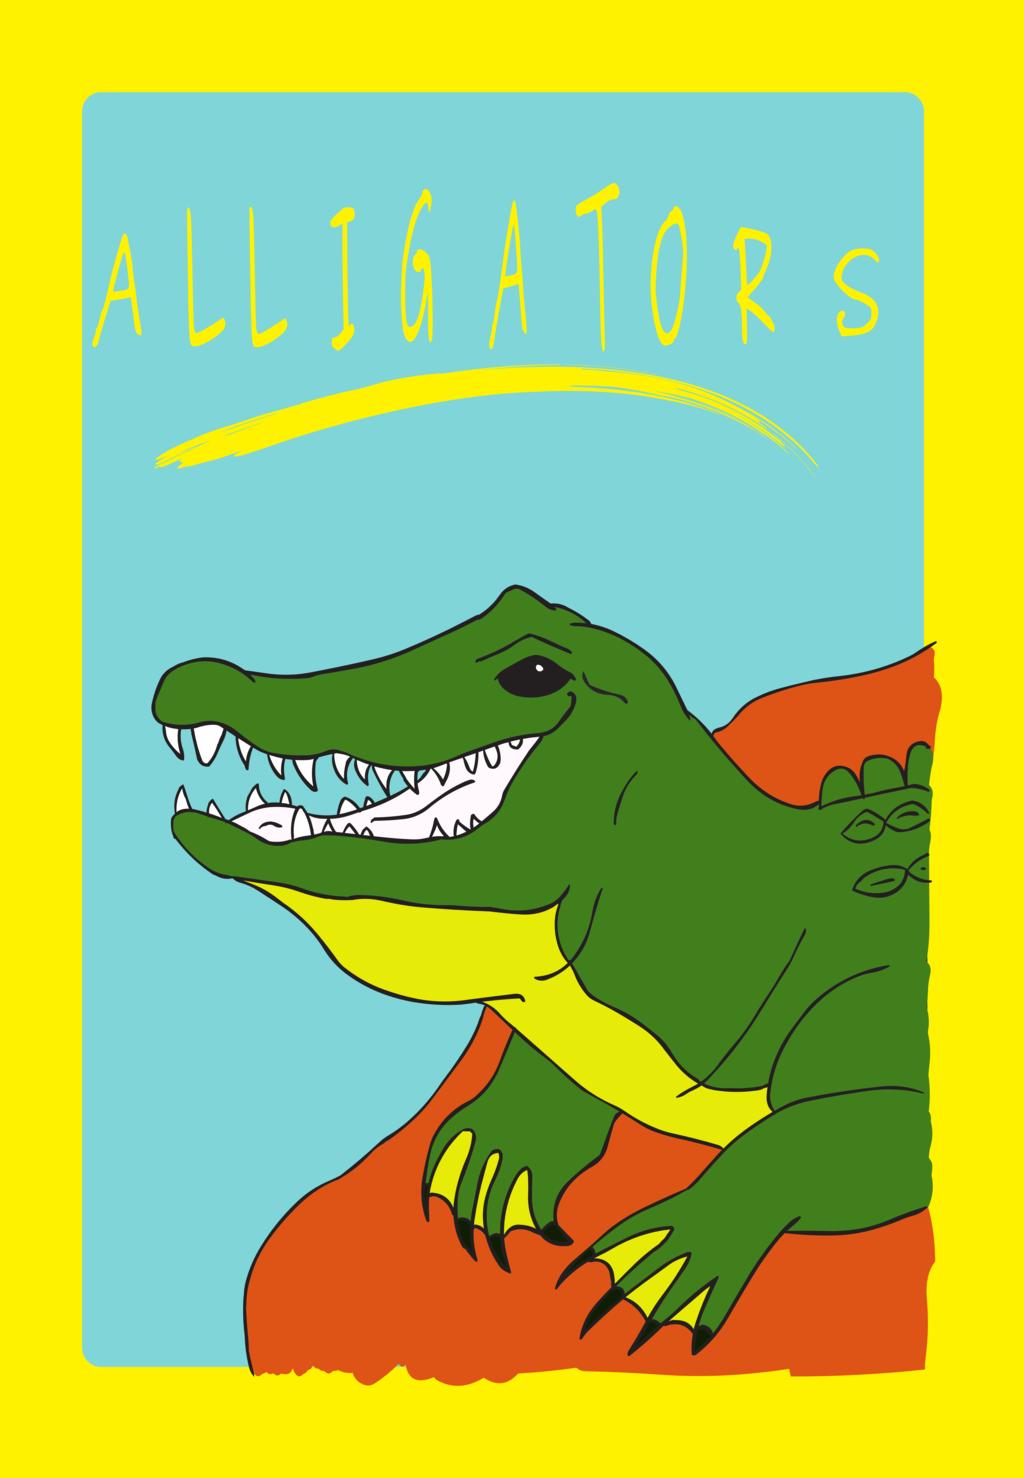 Featured image: Alligators!